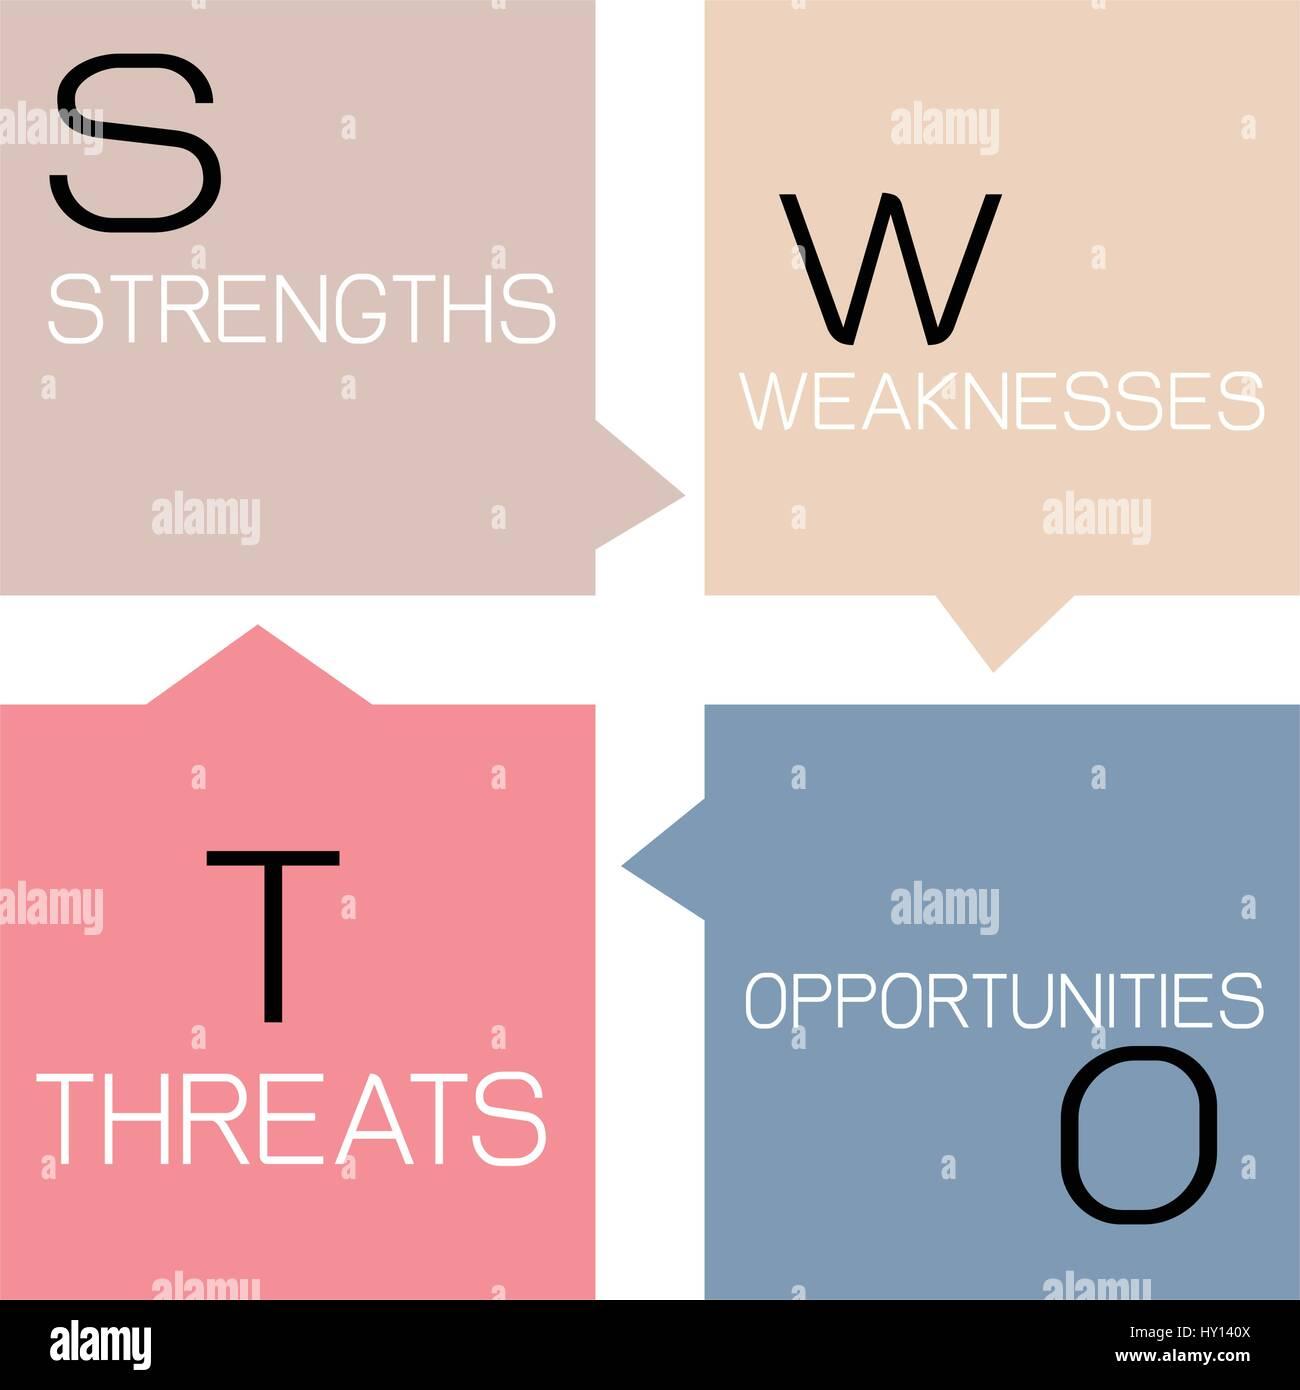 johnson johnson weakness opportunities threat